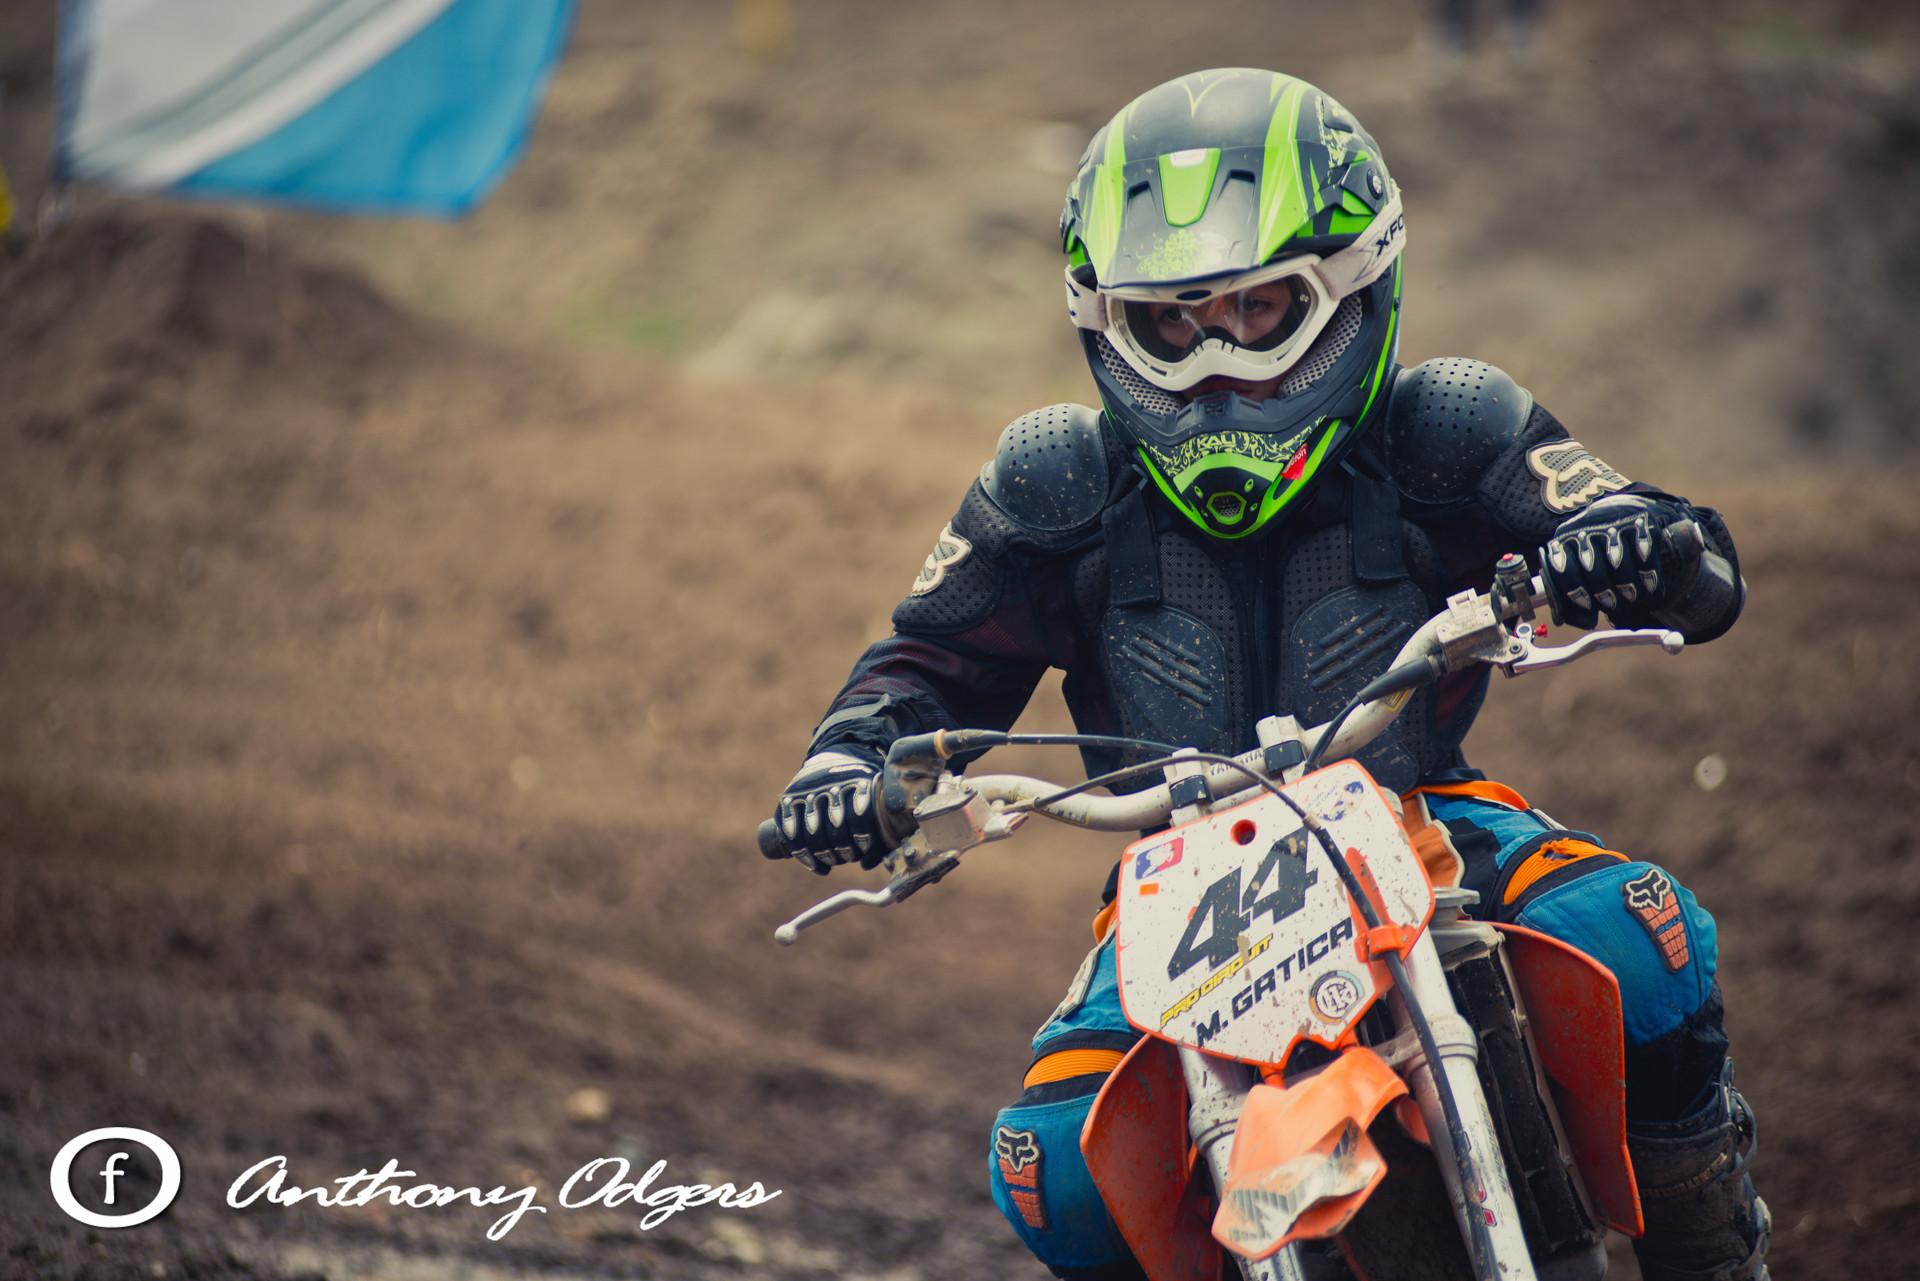 2013-01-06-Motocross Enduro-26.jpg